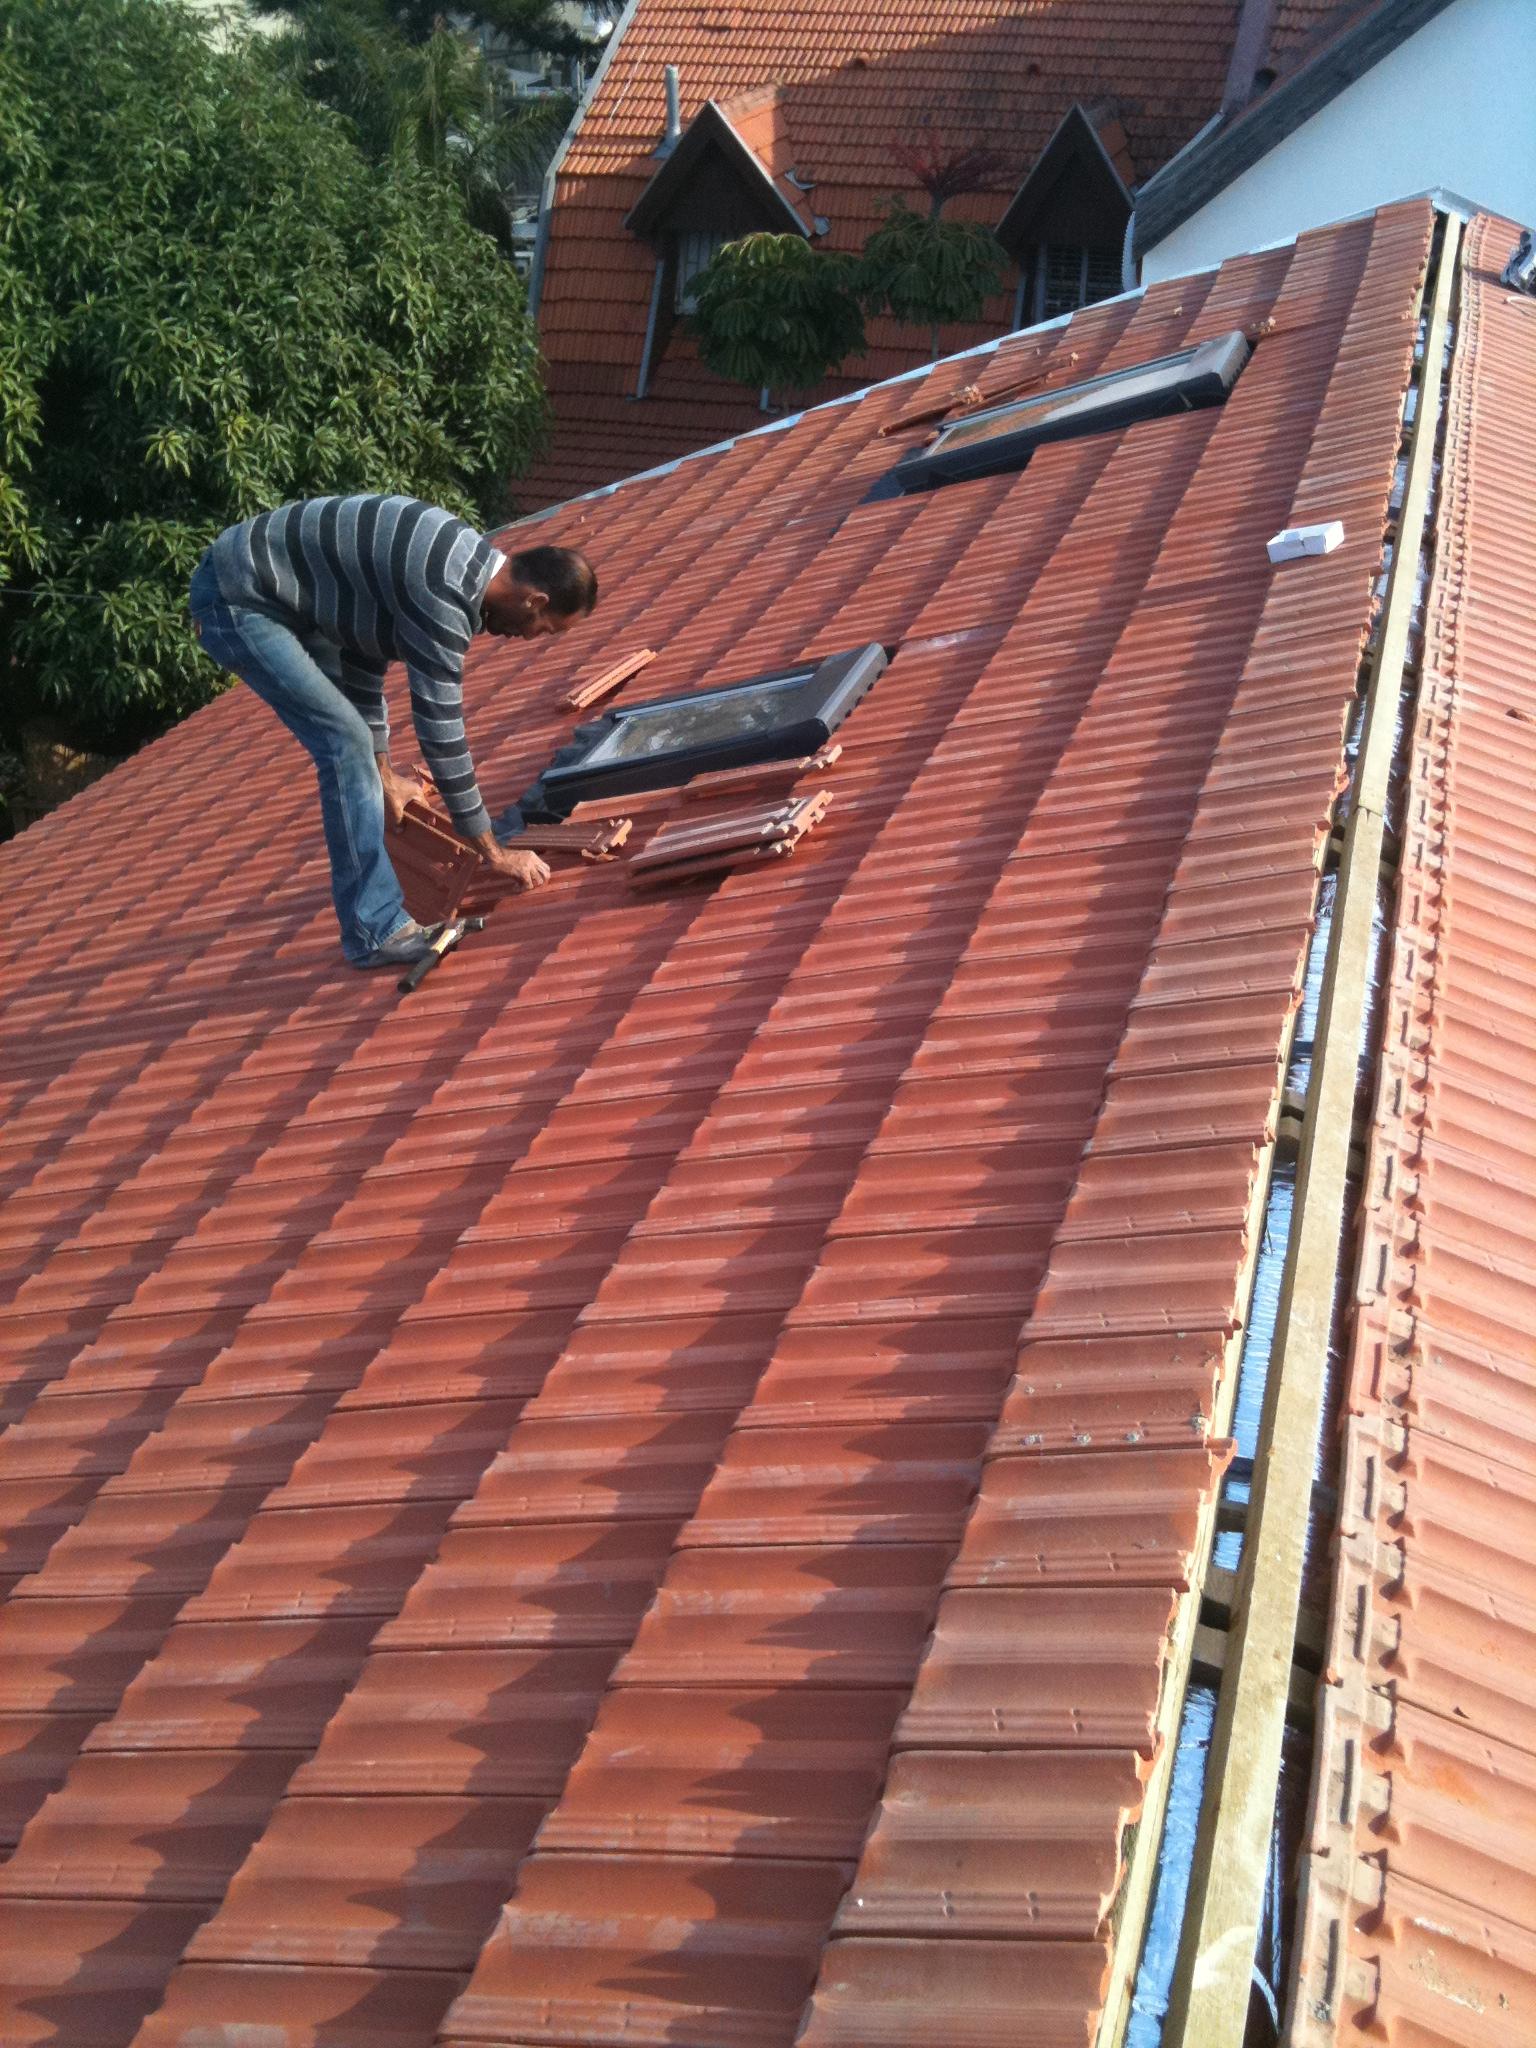 שלב הקירוי כולל חלונות בגג